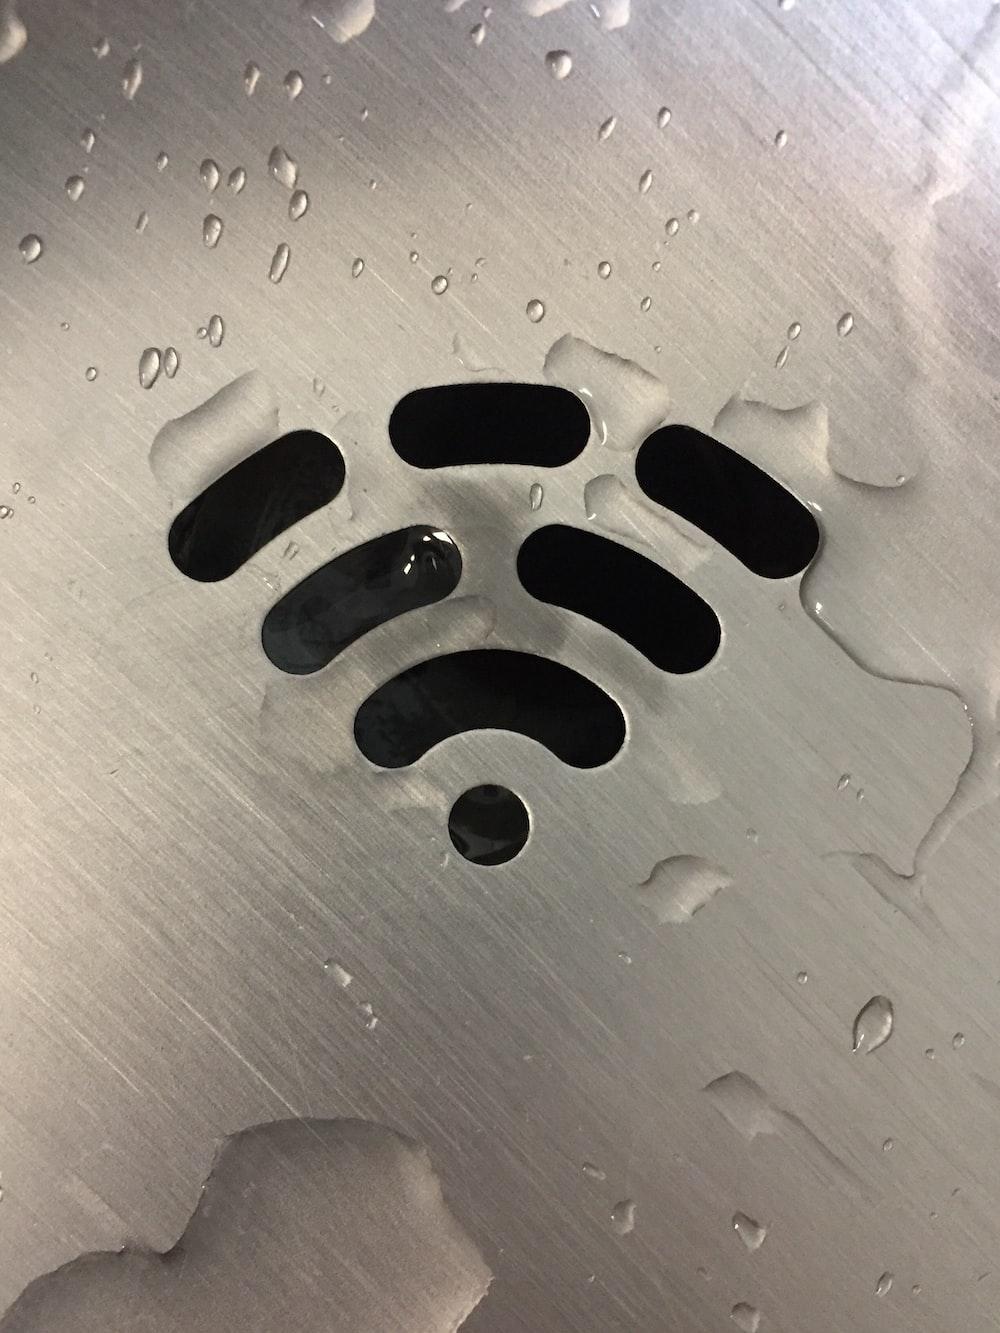 wifi signal on metallic panel